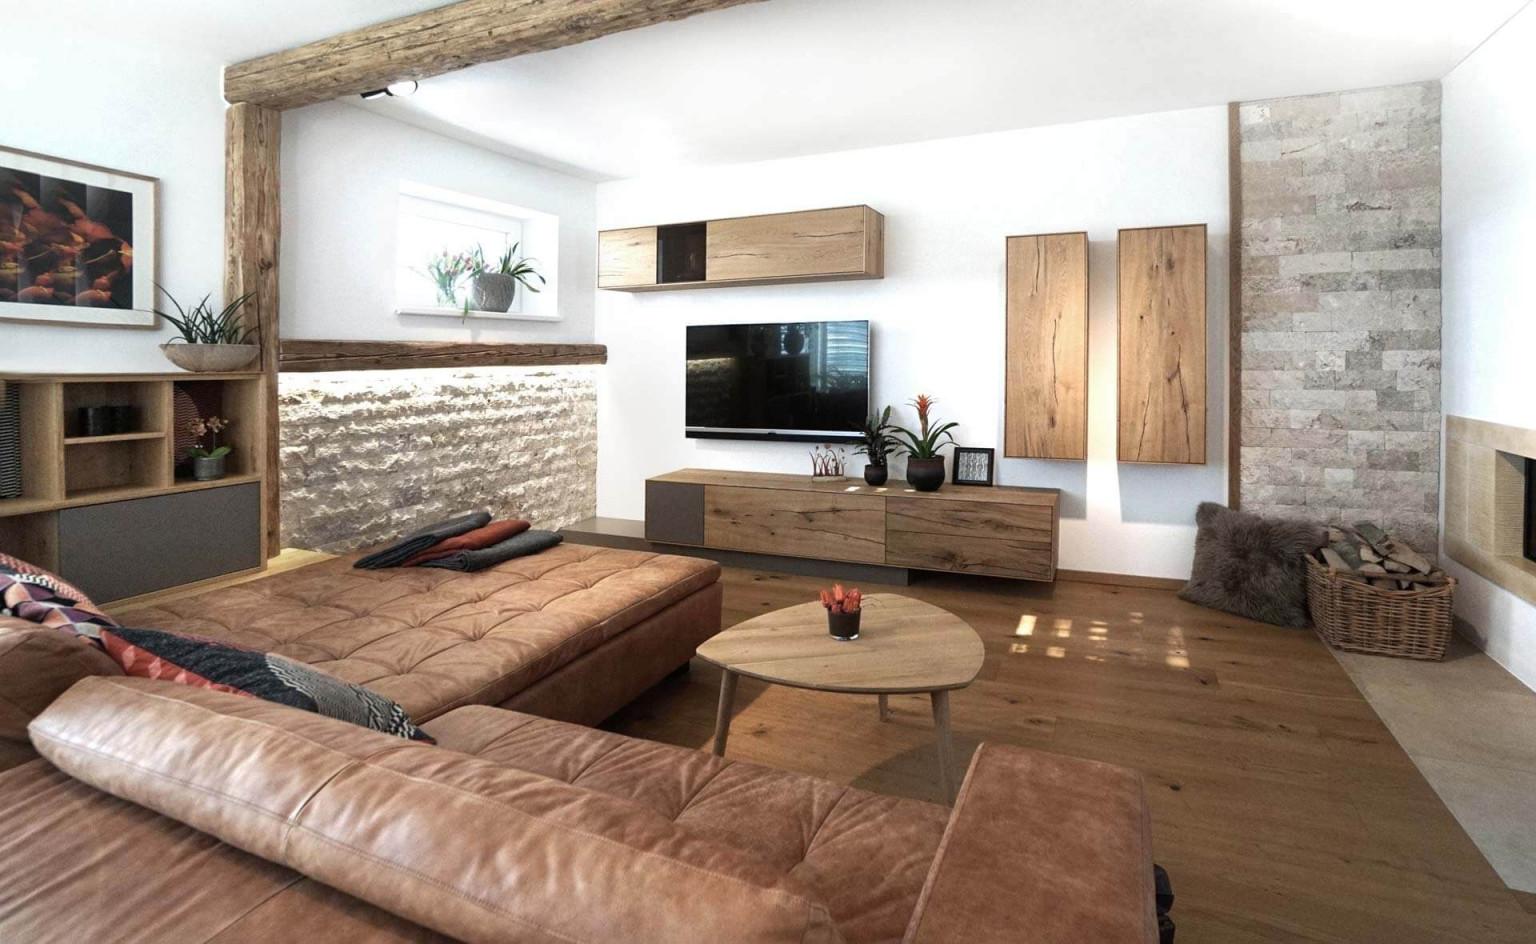 Wohnzimmer Modern Gemütlich Altholz Eiche Leder Stein von Wohnzimmer Rustikal Gestalten Photo